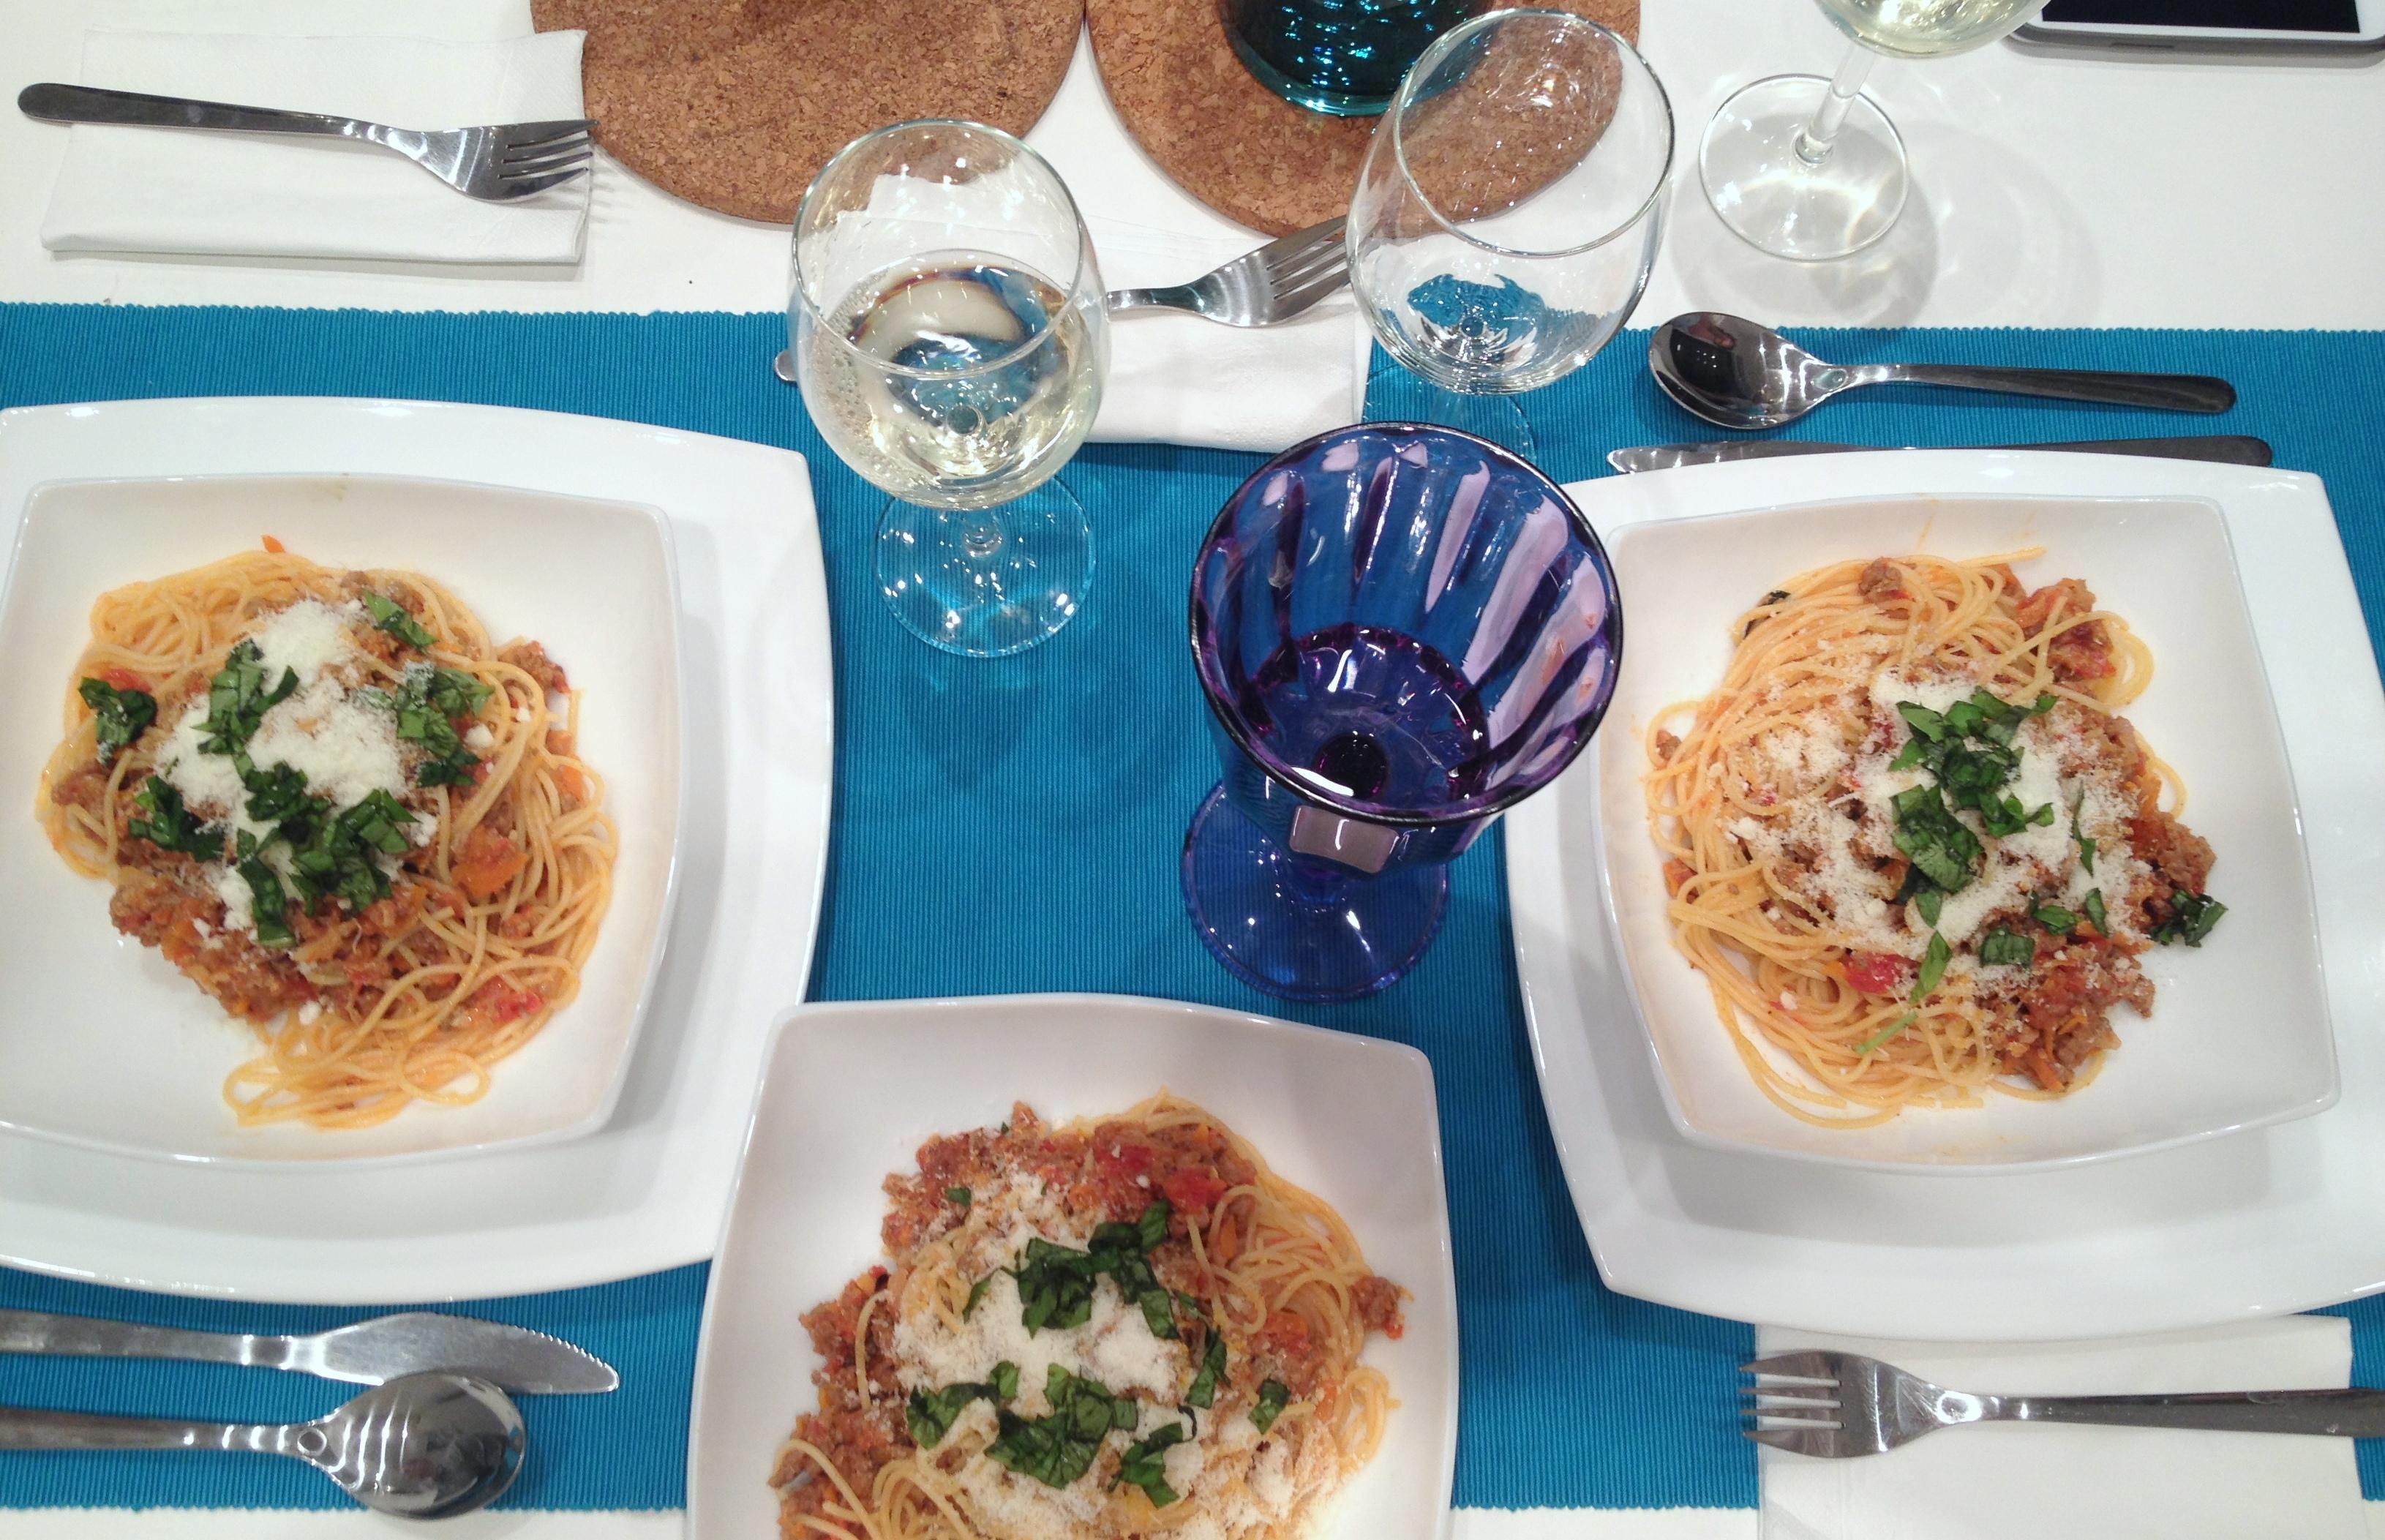 Ediția 2.1 cu echipa băieților – Paste bolognese cu legume la cuptor